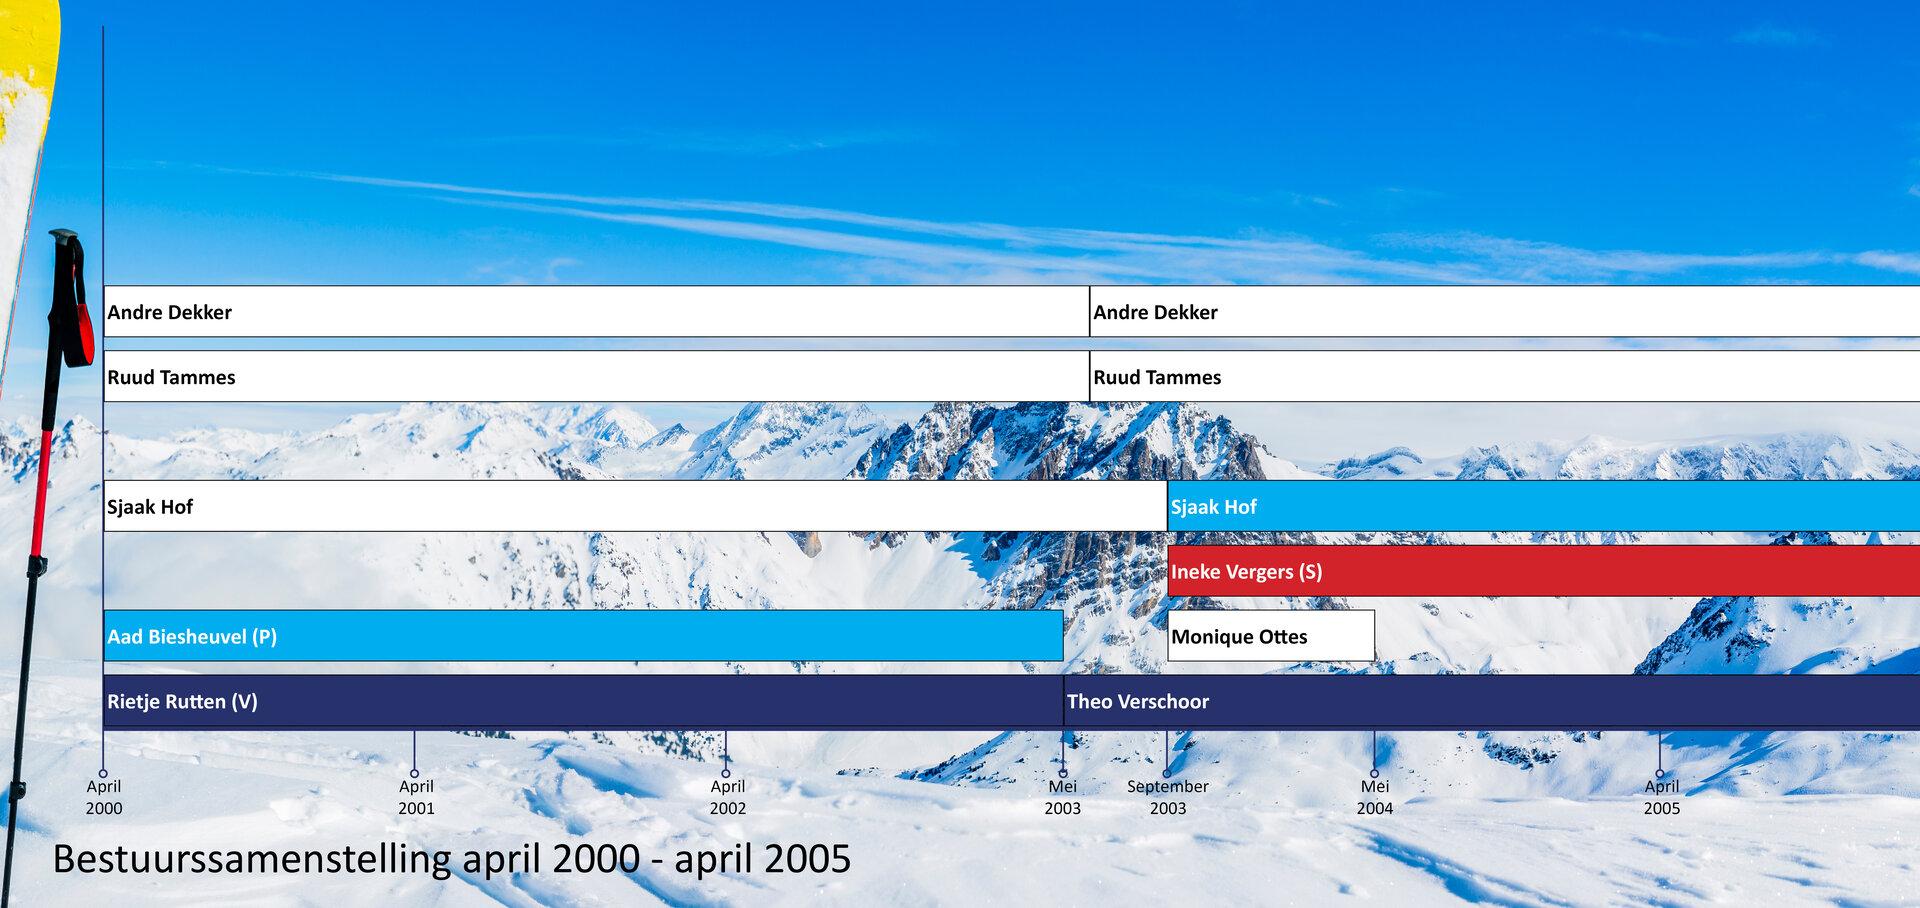 bestuursleden-historie-2000-04-2005-04